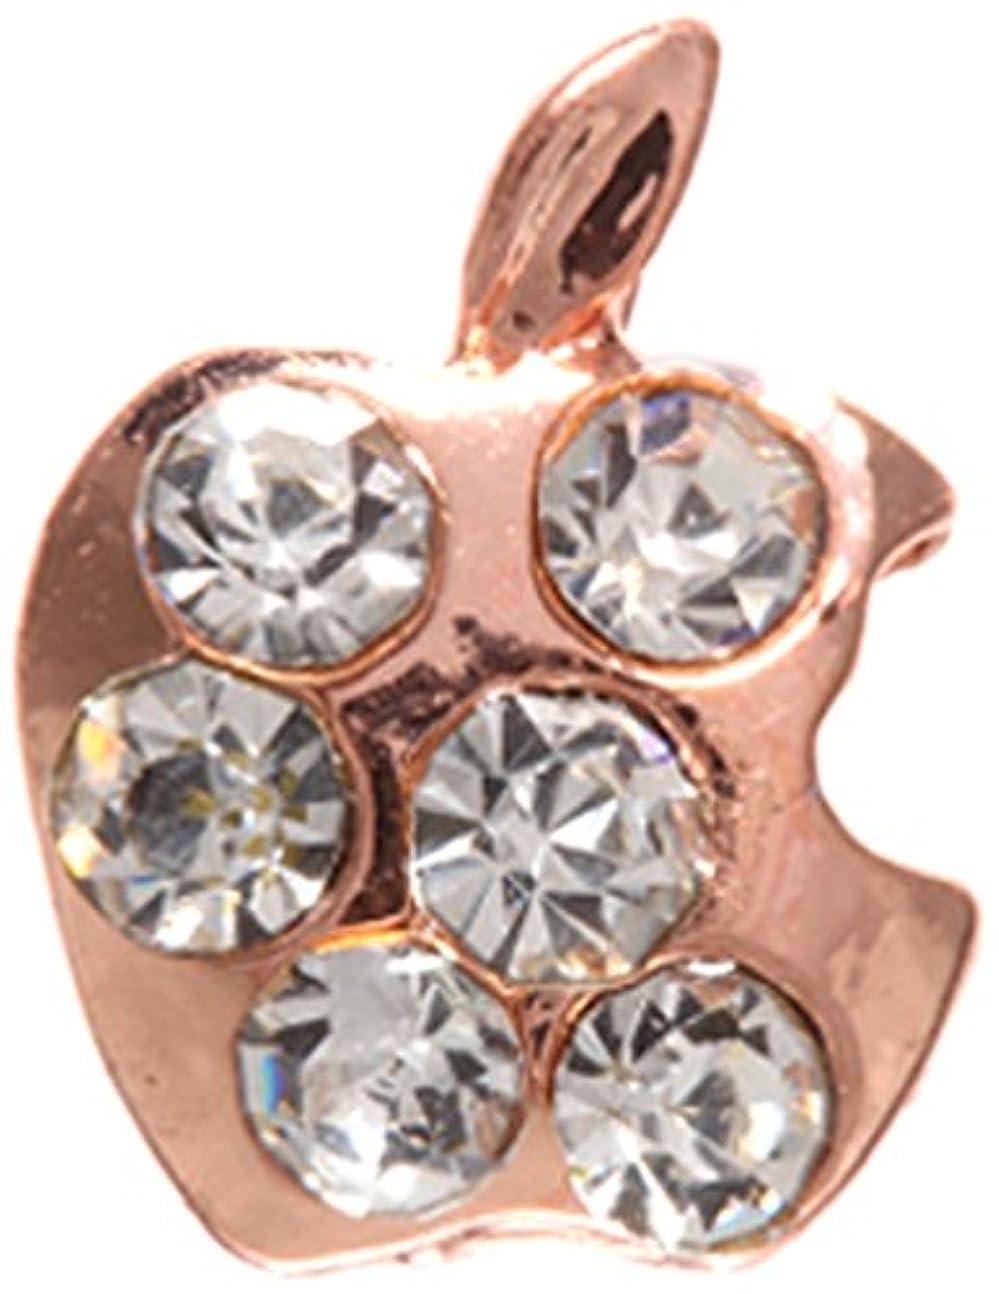 バースオーケストラスリーブアップル クリスタル(各2個) ピンクゴールド